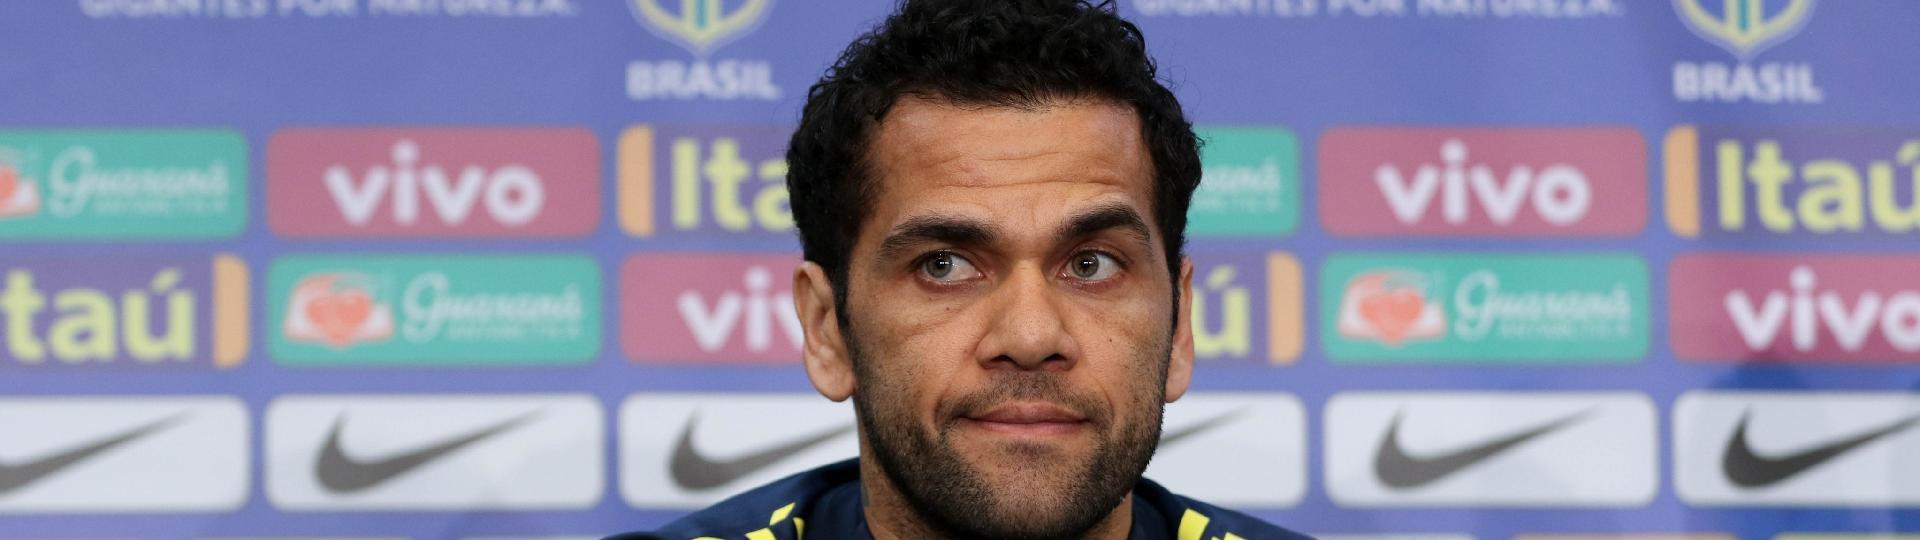 Daniel Alves concede entrevista coletiva na véspera de reencontro com Alemanha